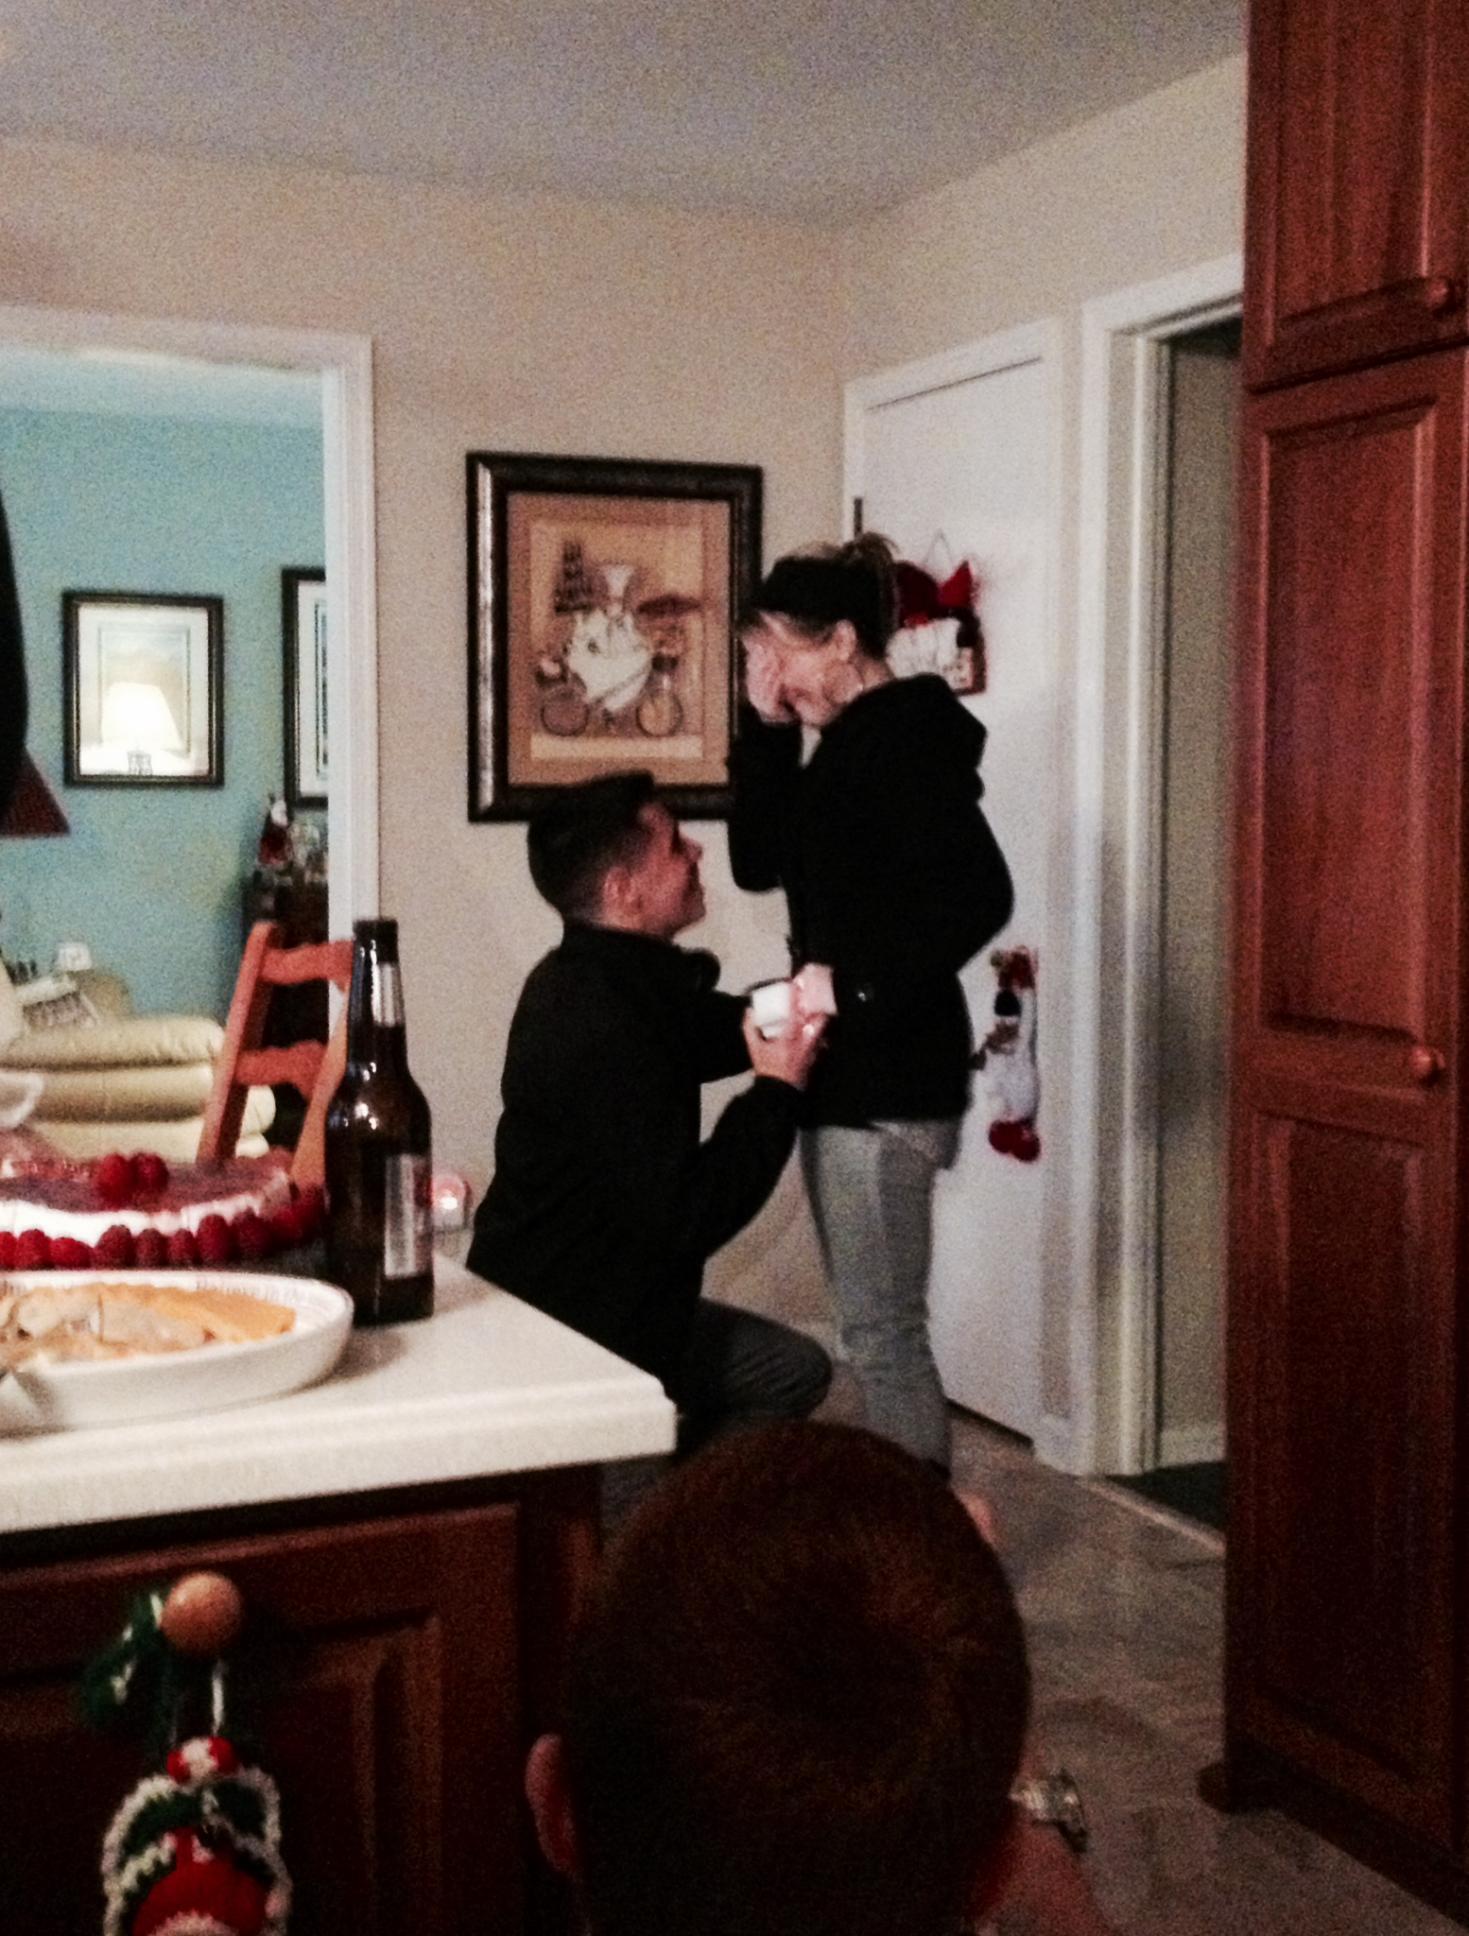 Image 2 of Katlin and Rob